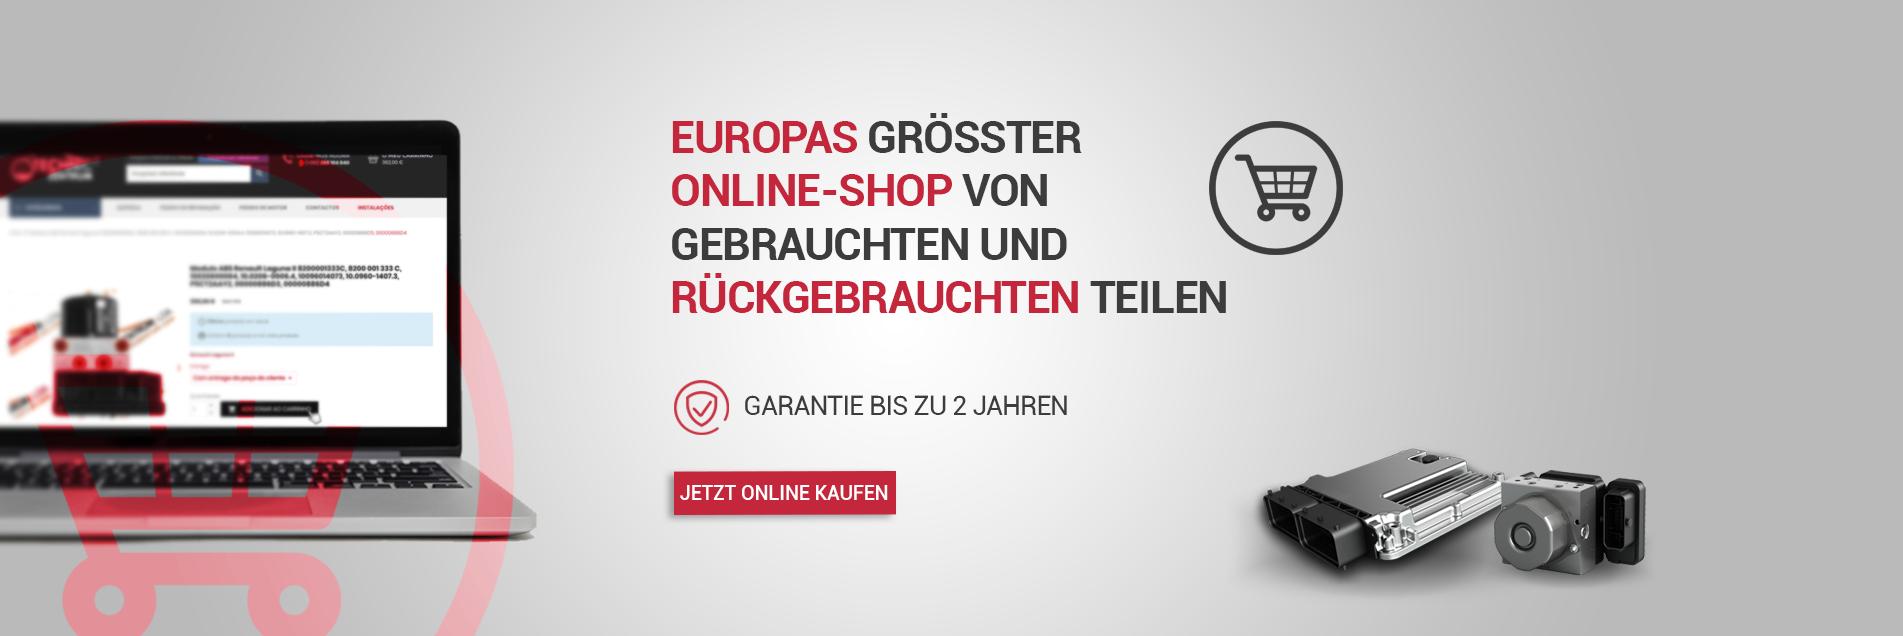 Europas grösster Online-Shop von gebrauchten und rückgebrauchten teilen